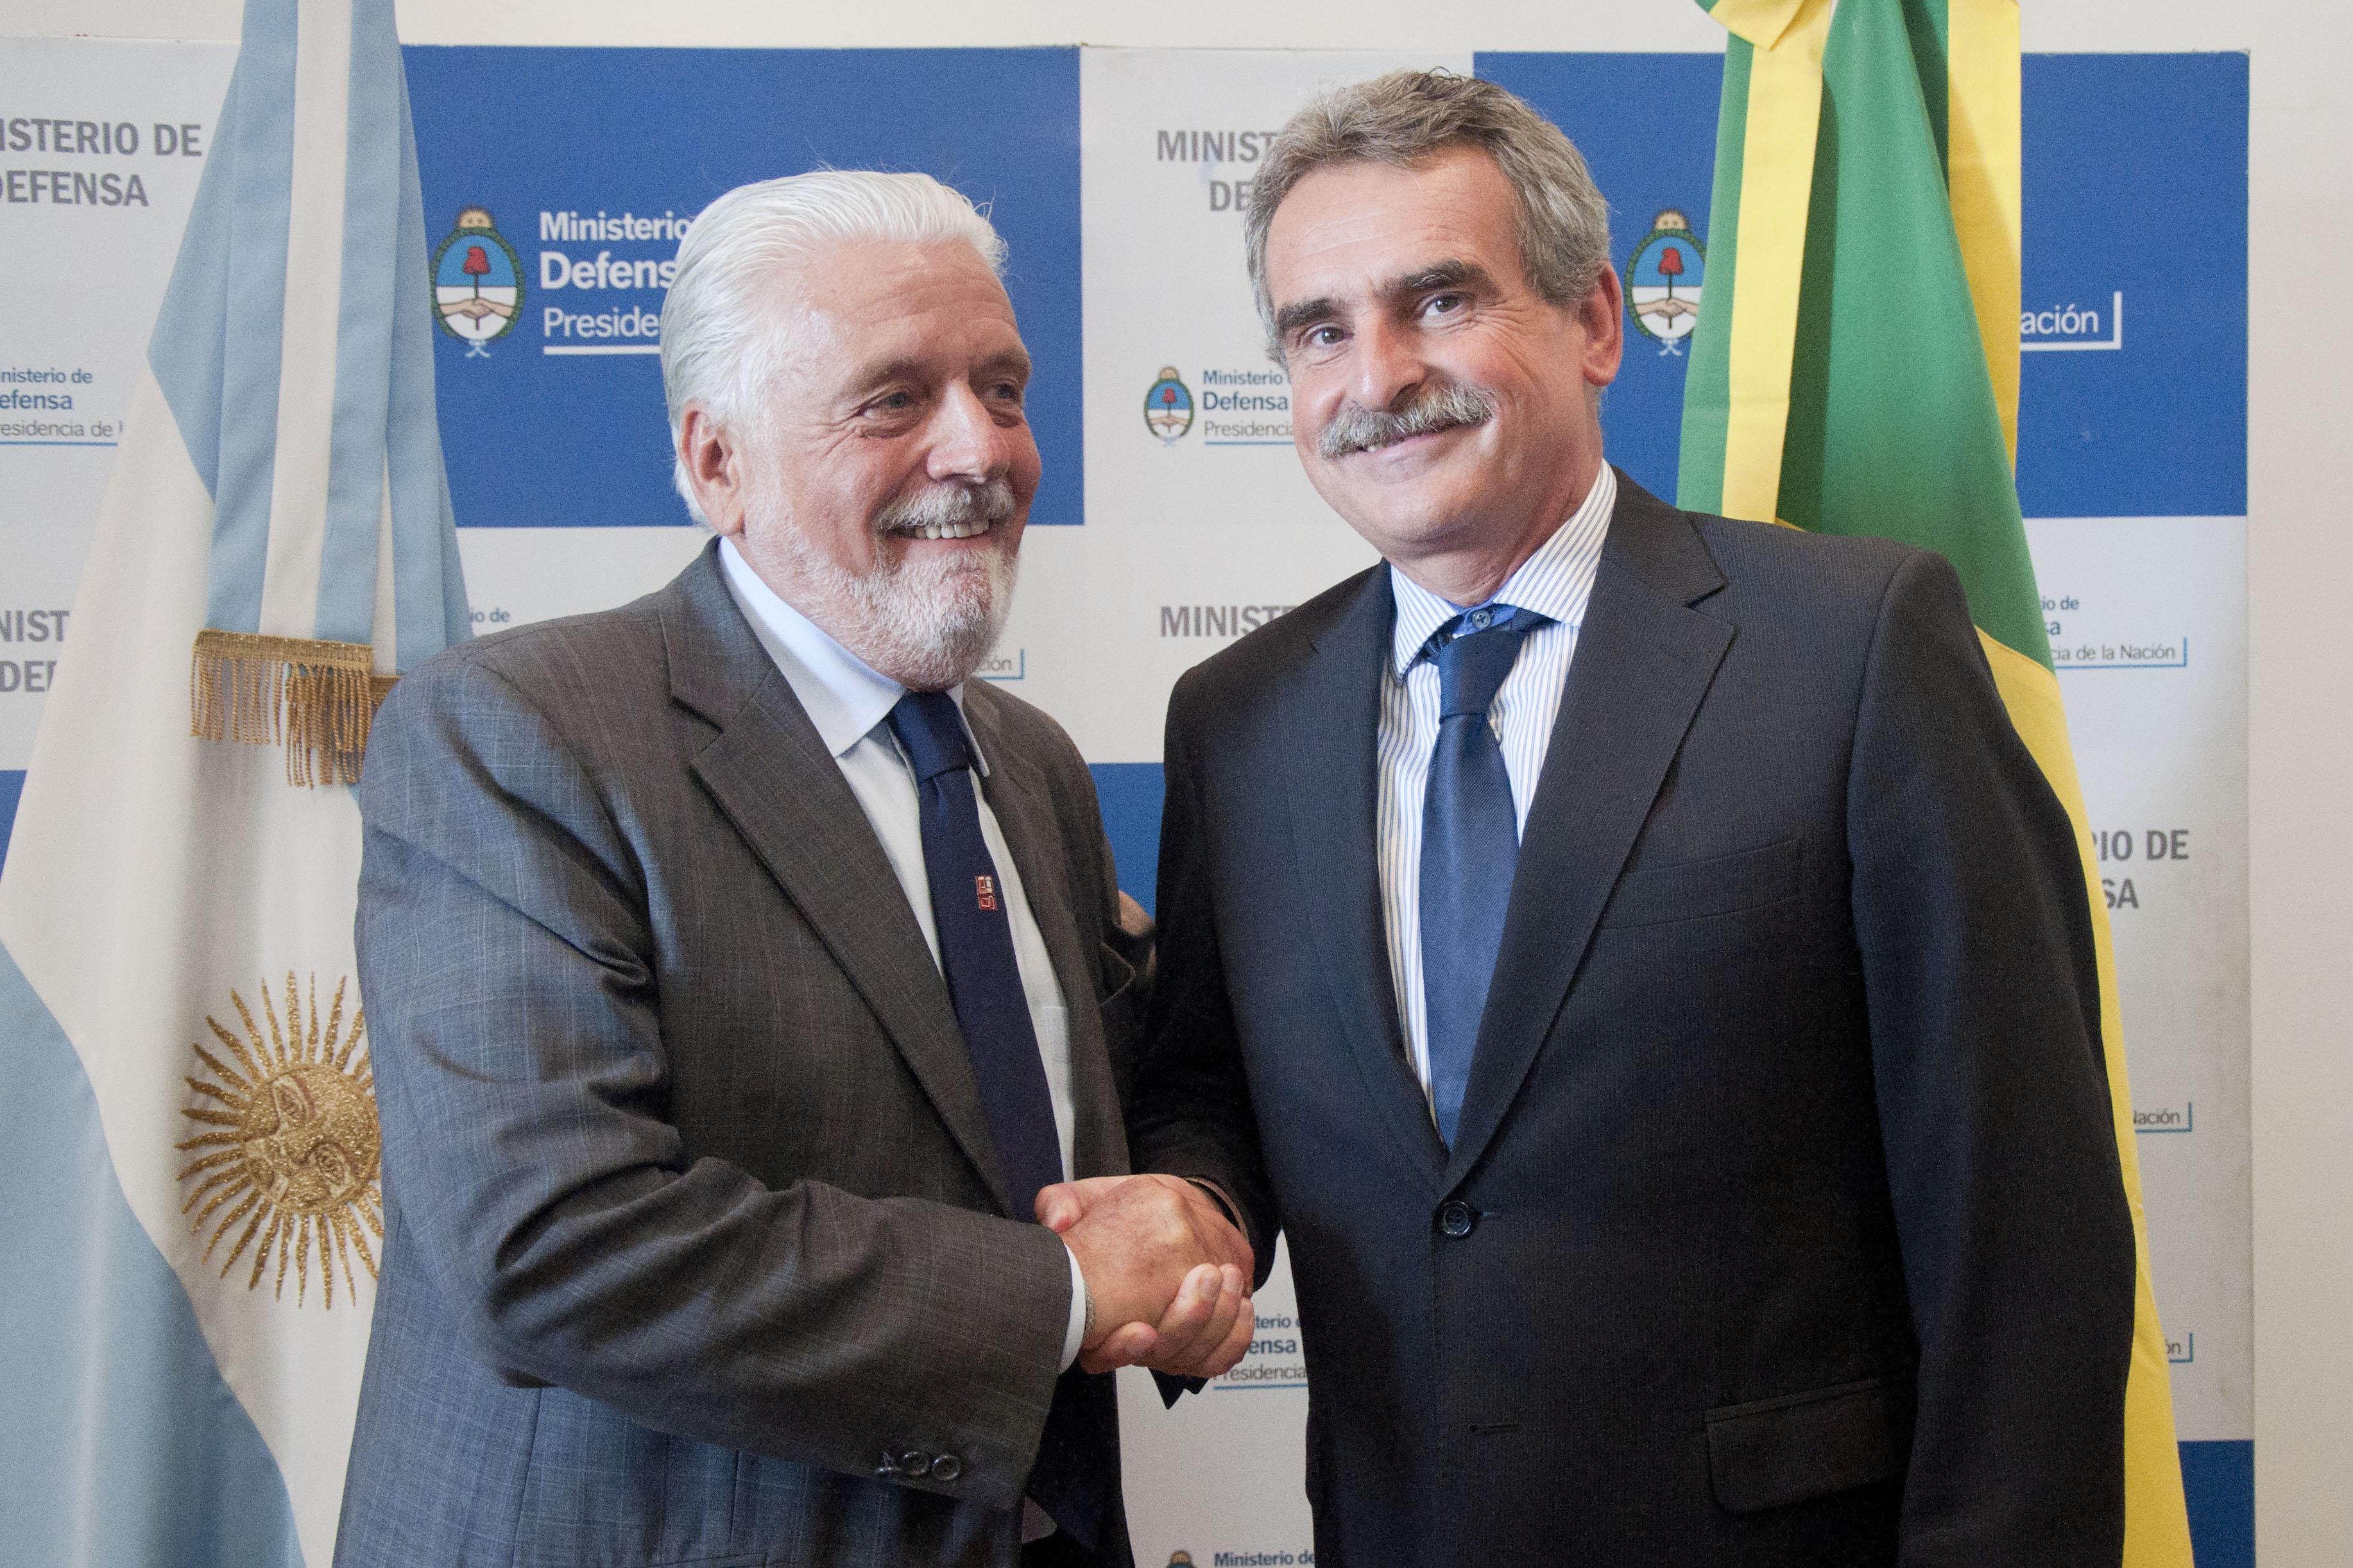 Foto 1 Coop.Brasil-Argentina-Def.